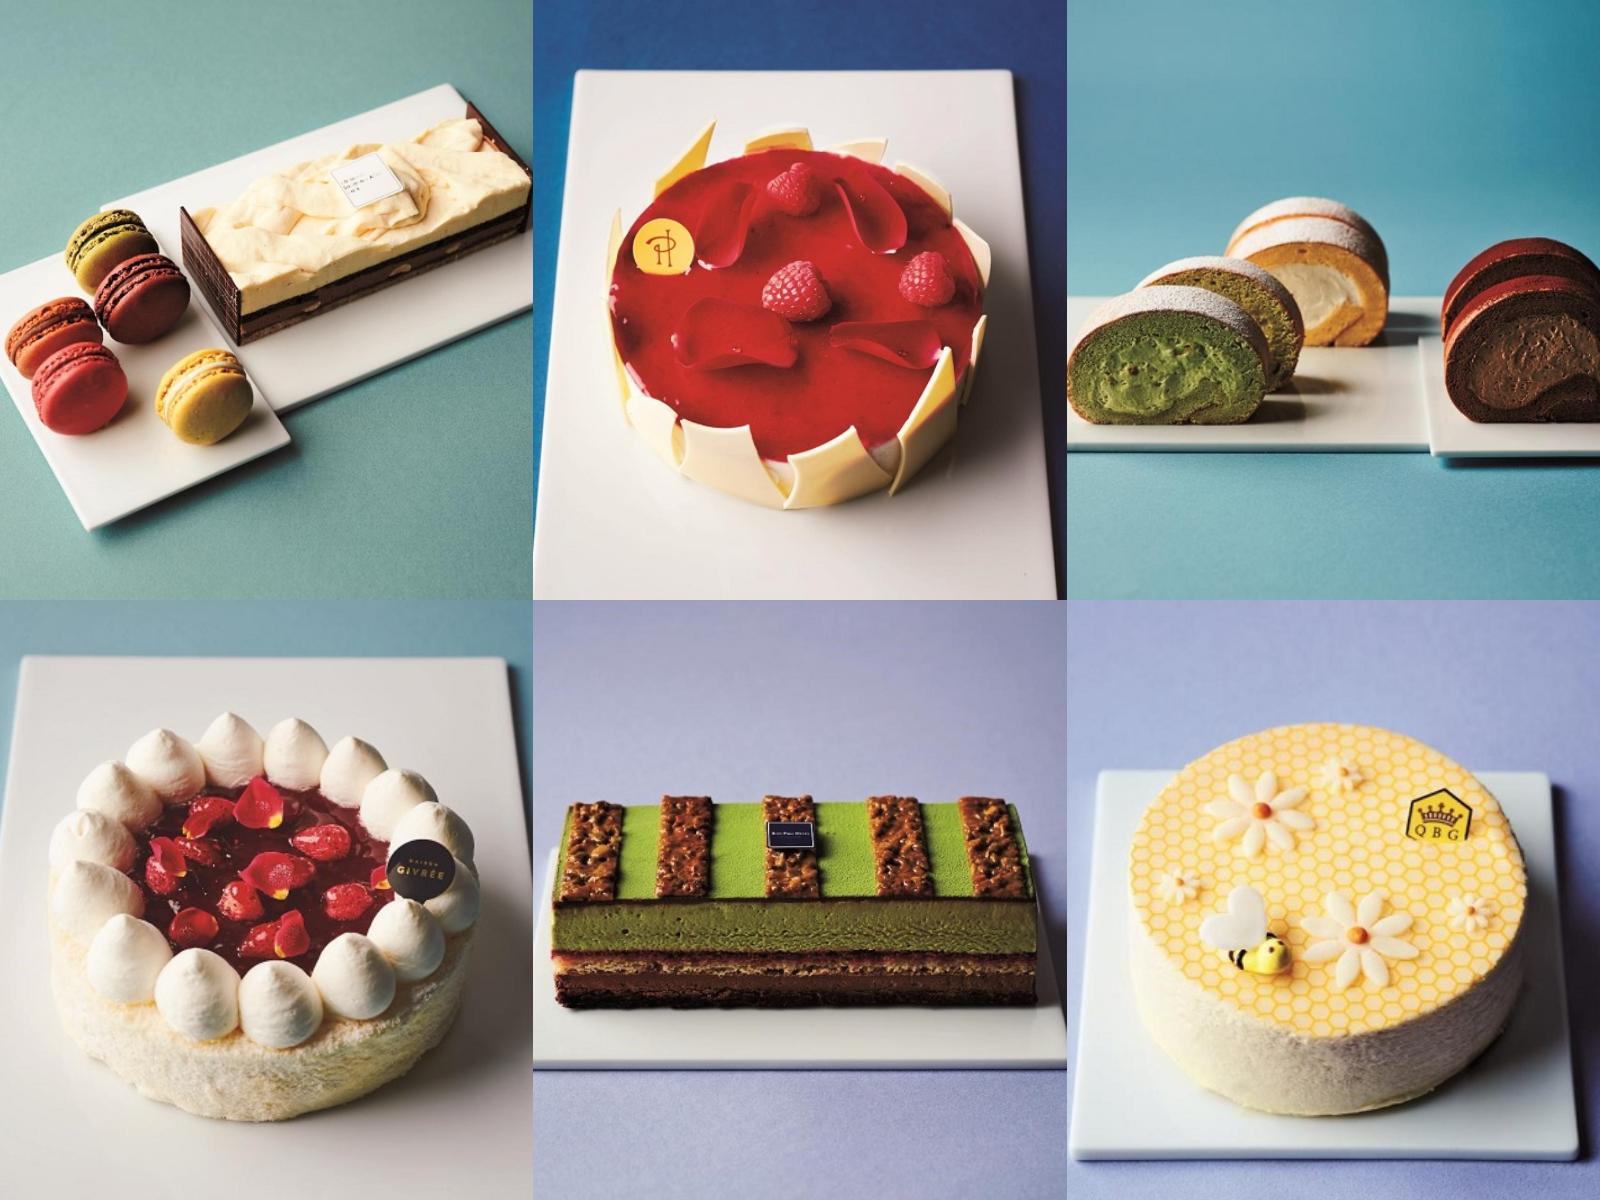 『三越伊勢丹』オンラインサイトで購入できる冷凍ケーキおすすめ6品のコラージュ